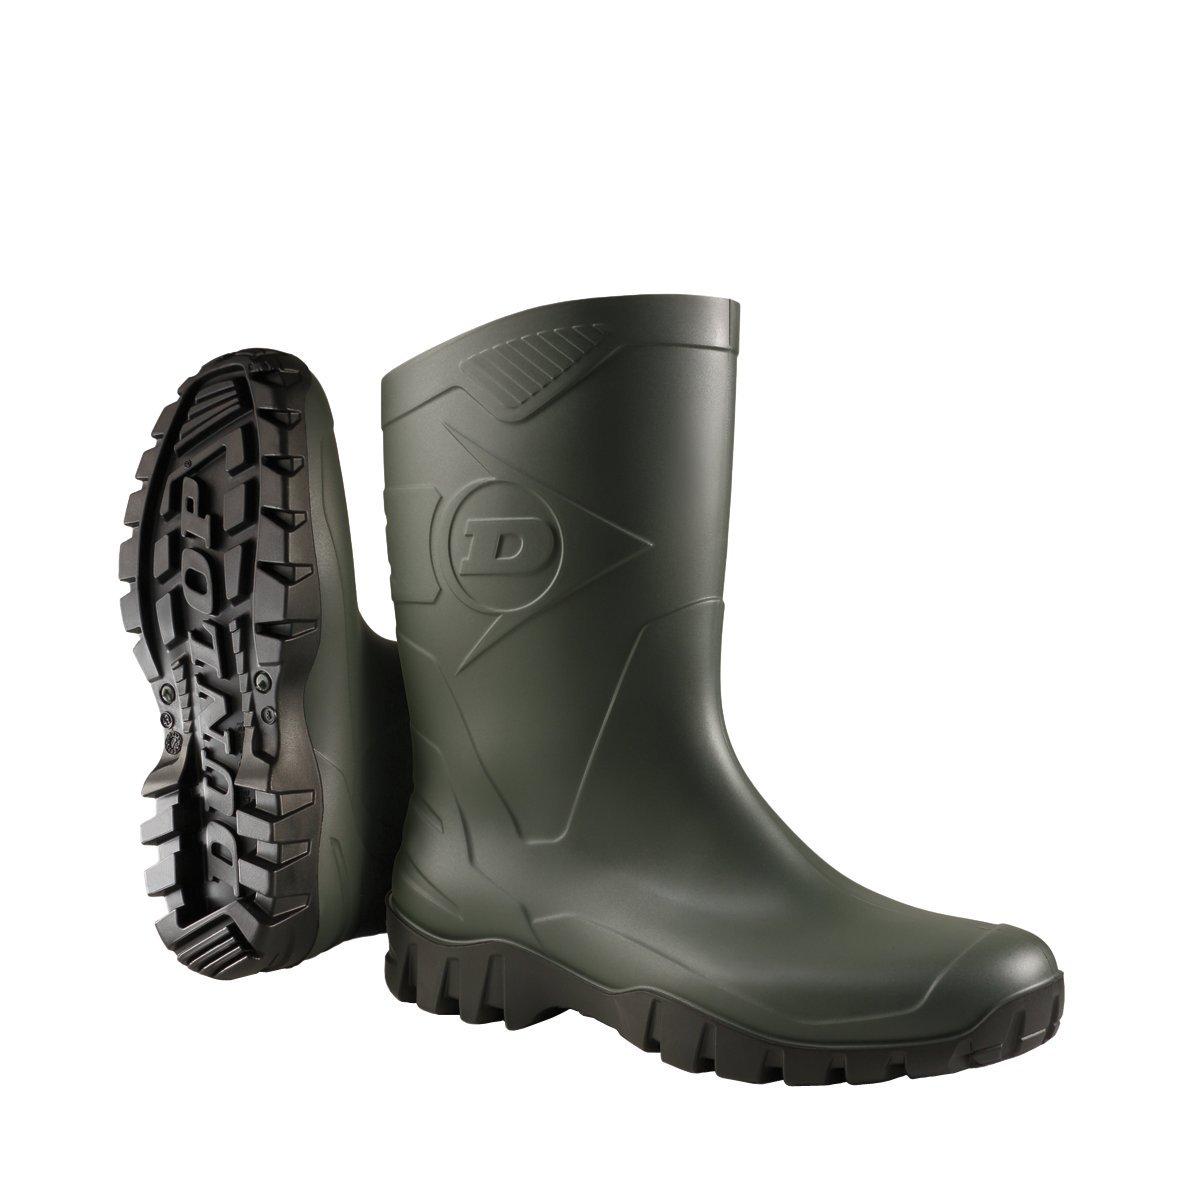 Dunlop K580011 PVC KUITLAARS GROEN 47, Bottes en Caoutchouc de sécurité Adulte...